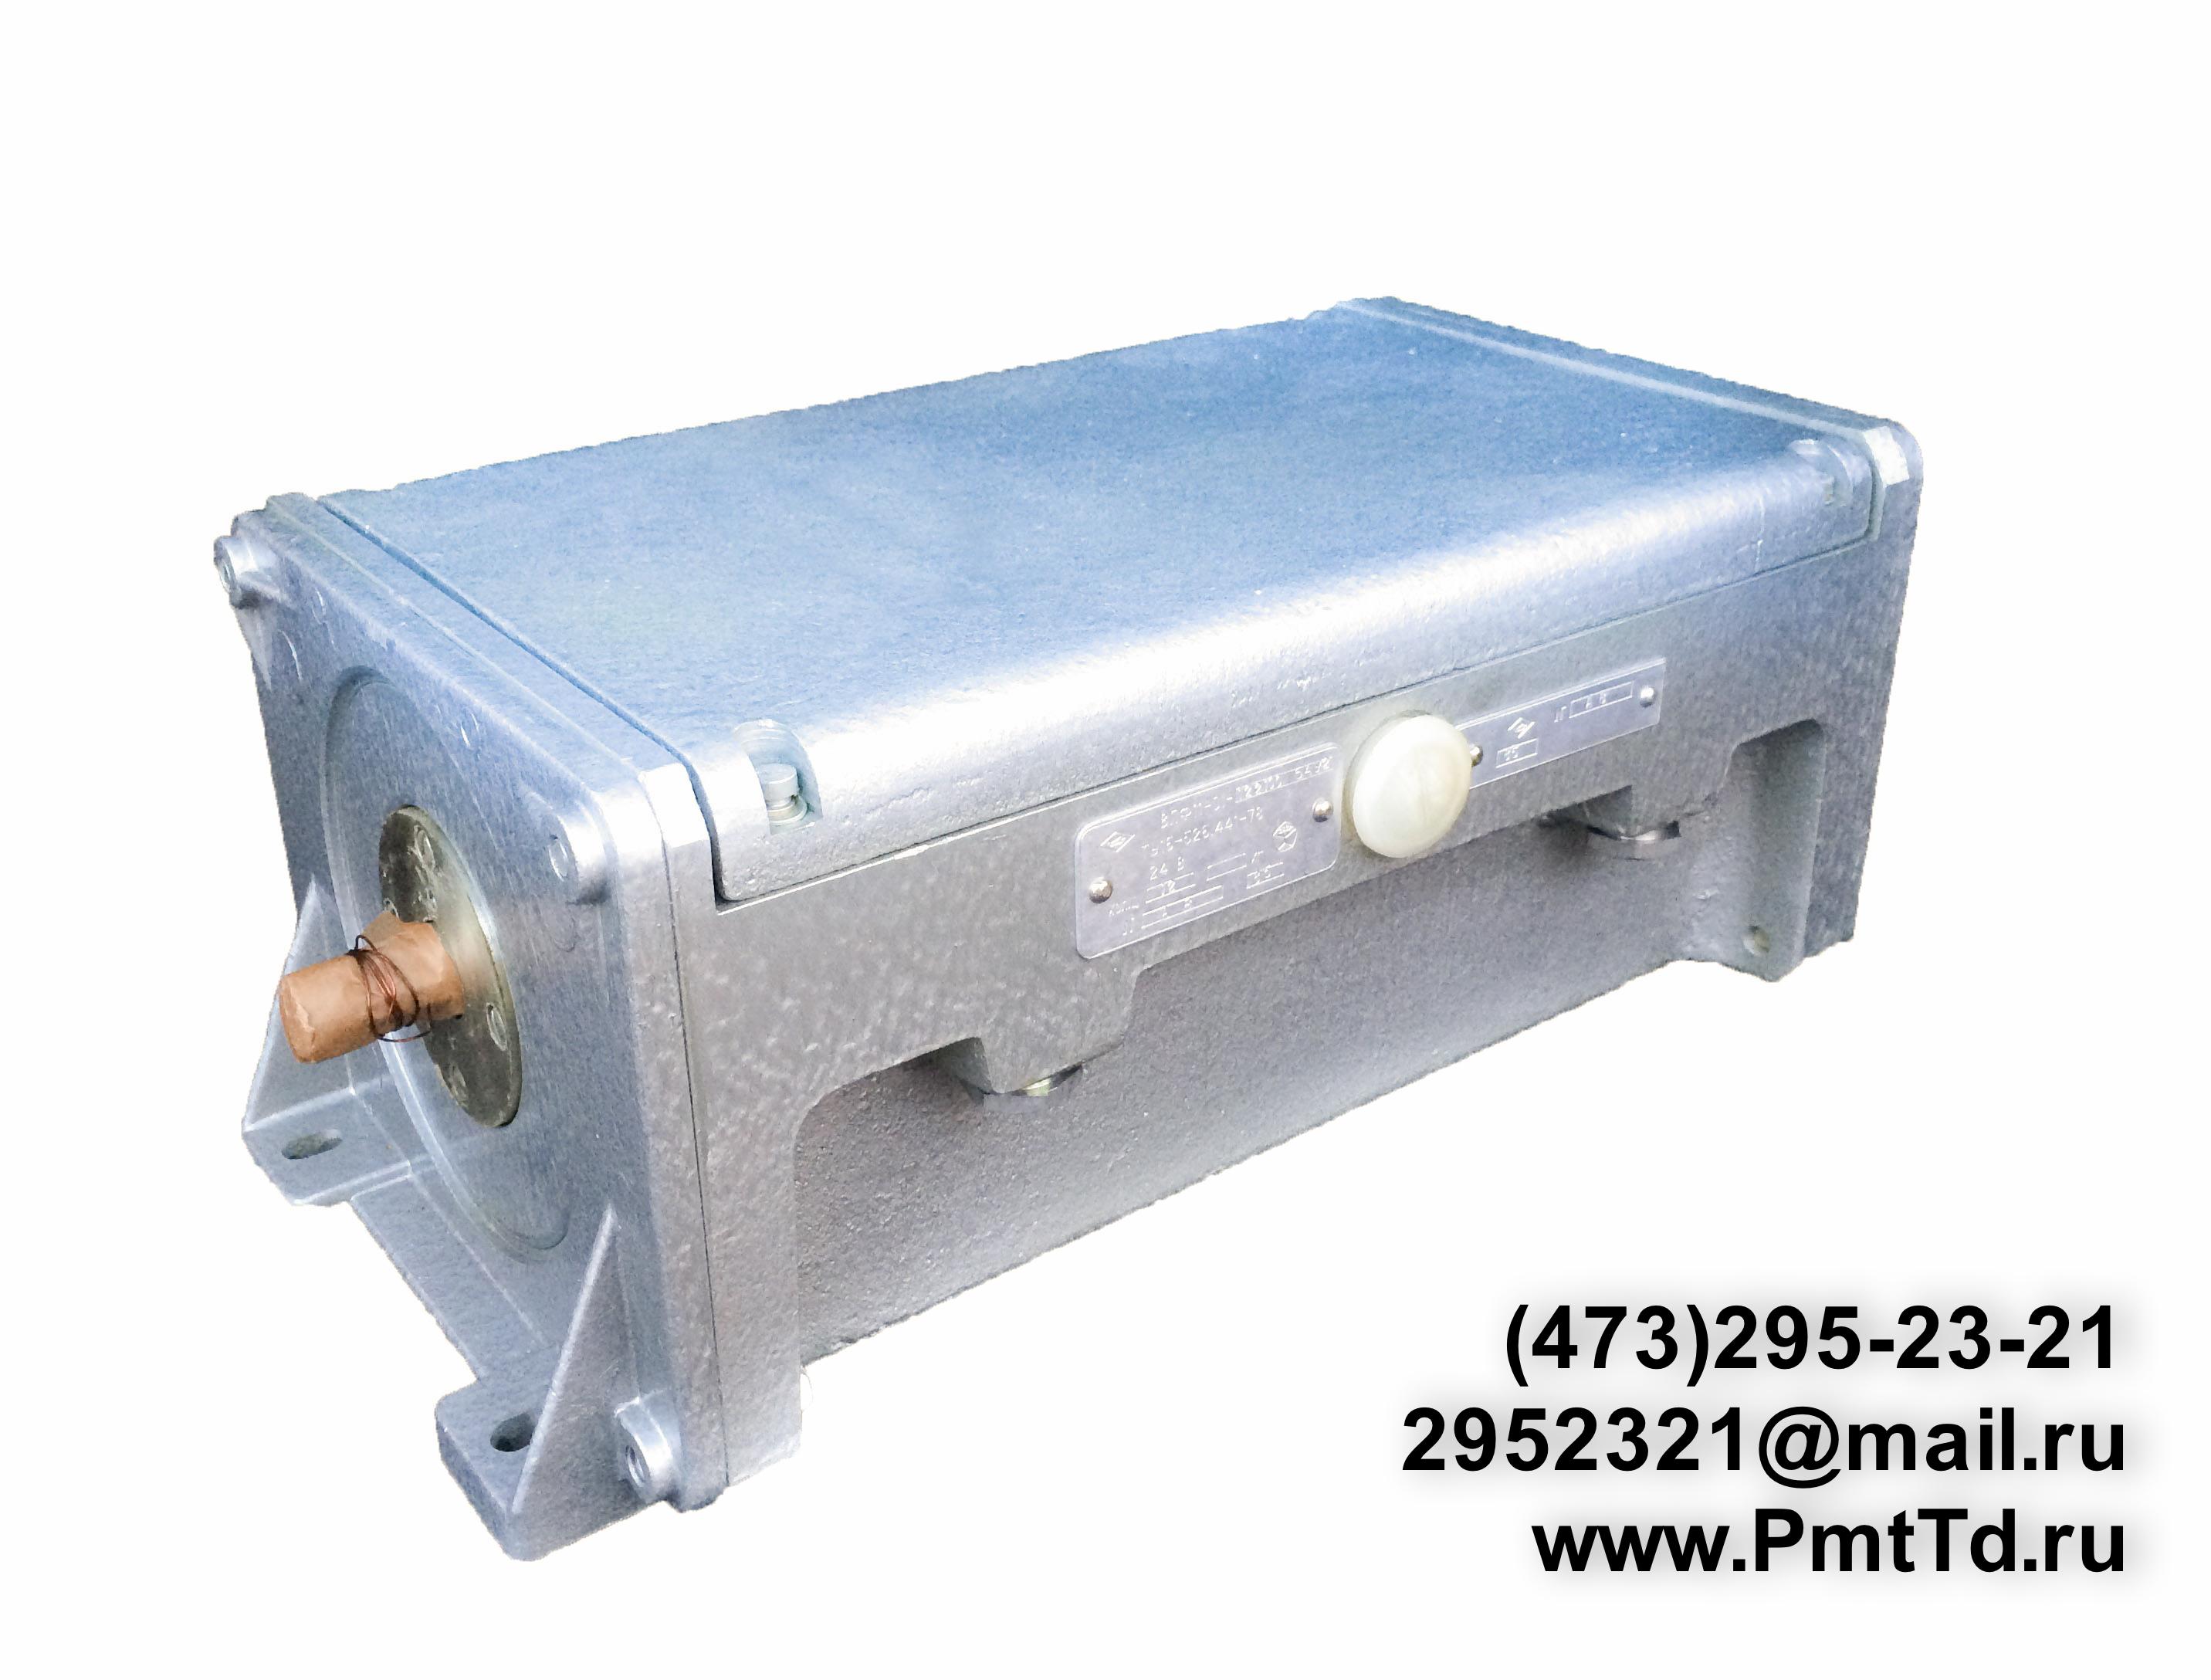 Выключатель путевой фотоэлектронный ВПФ 11-01-122100-54У2